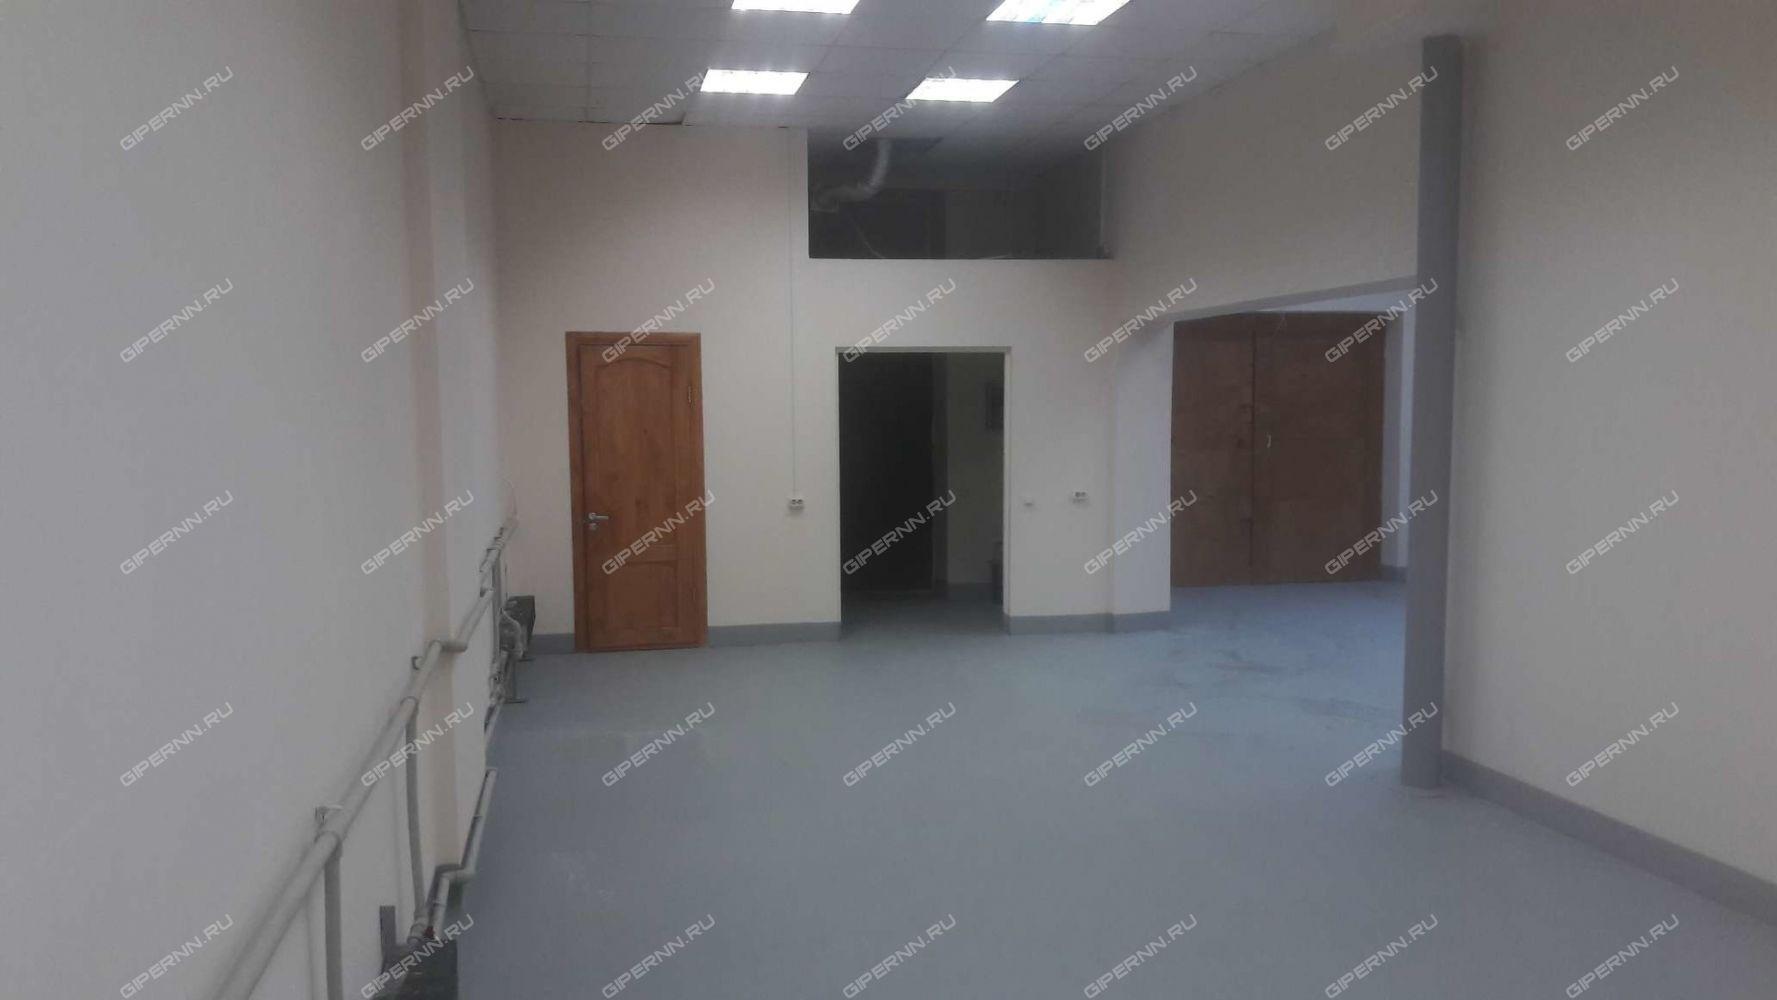 Аренда небольших офисов в нижнем новгороде Арендовать помещение под офис Симоновский Вал улица